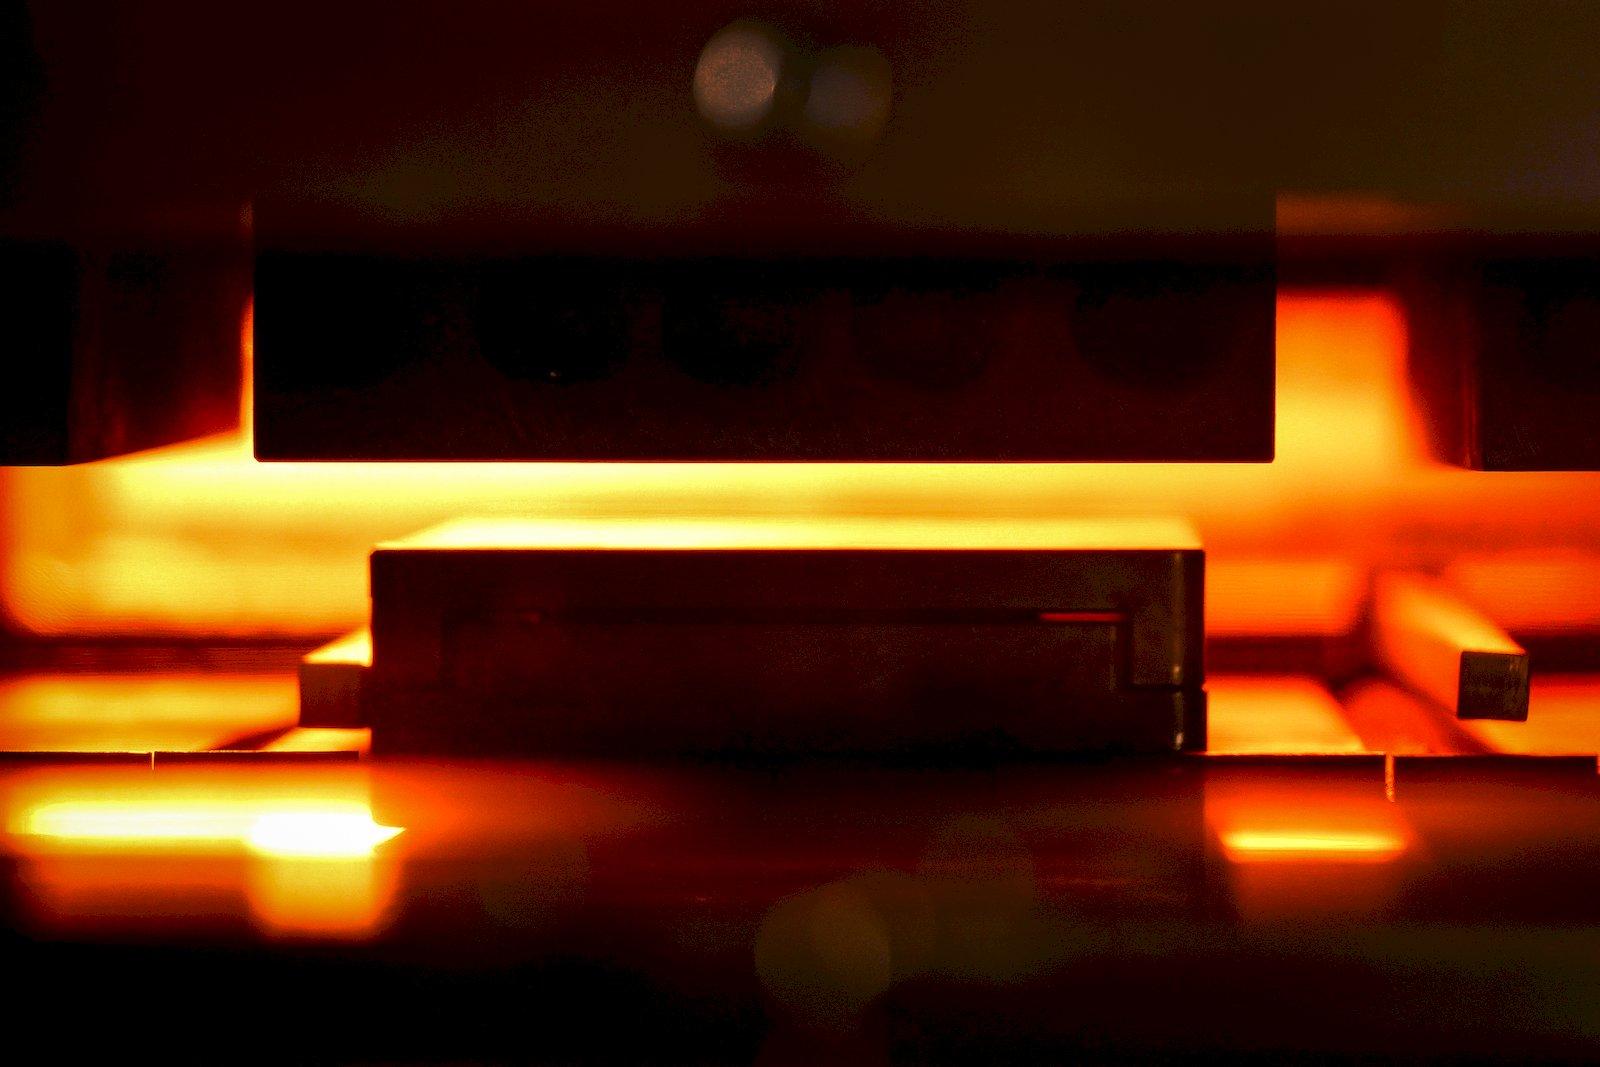 داستان طراحی سری Reno6 اوپو در قالب ویدئو بازگویی شد + ویدئو